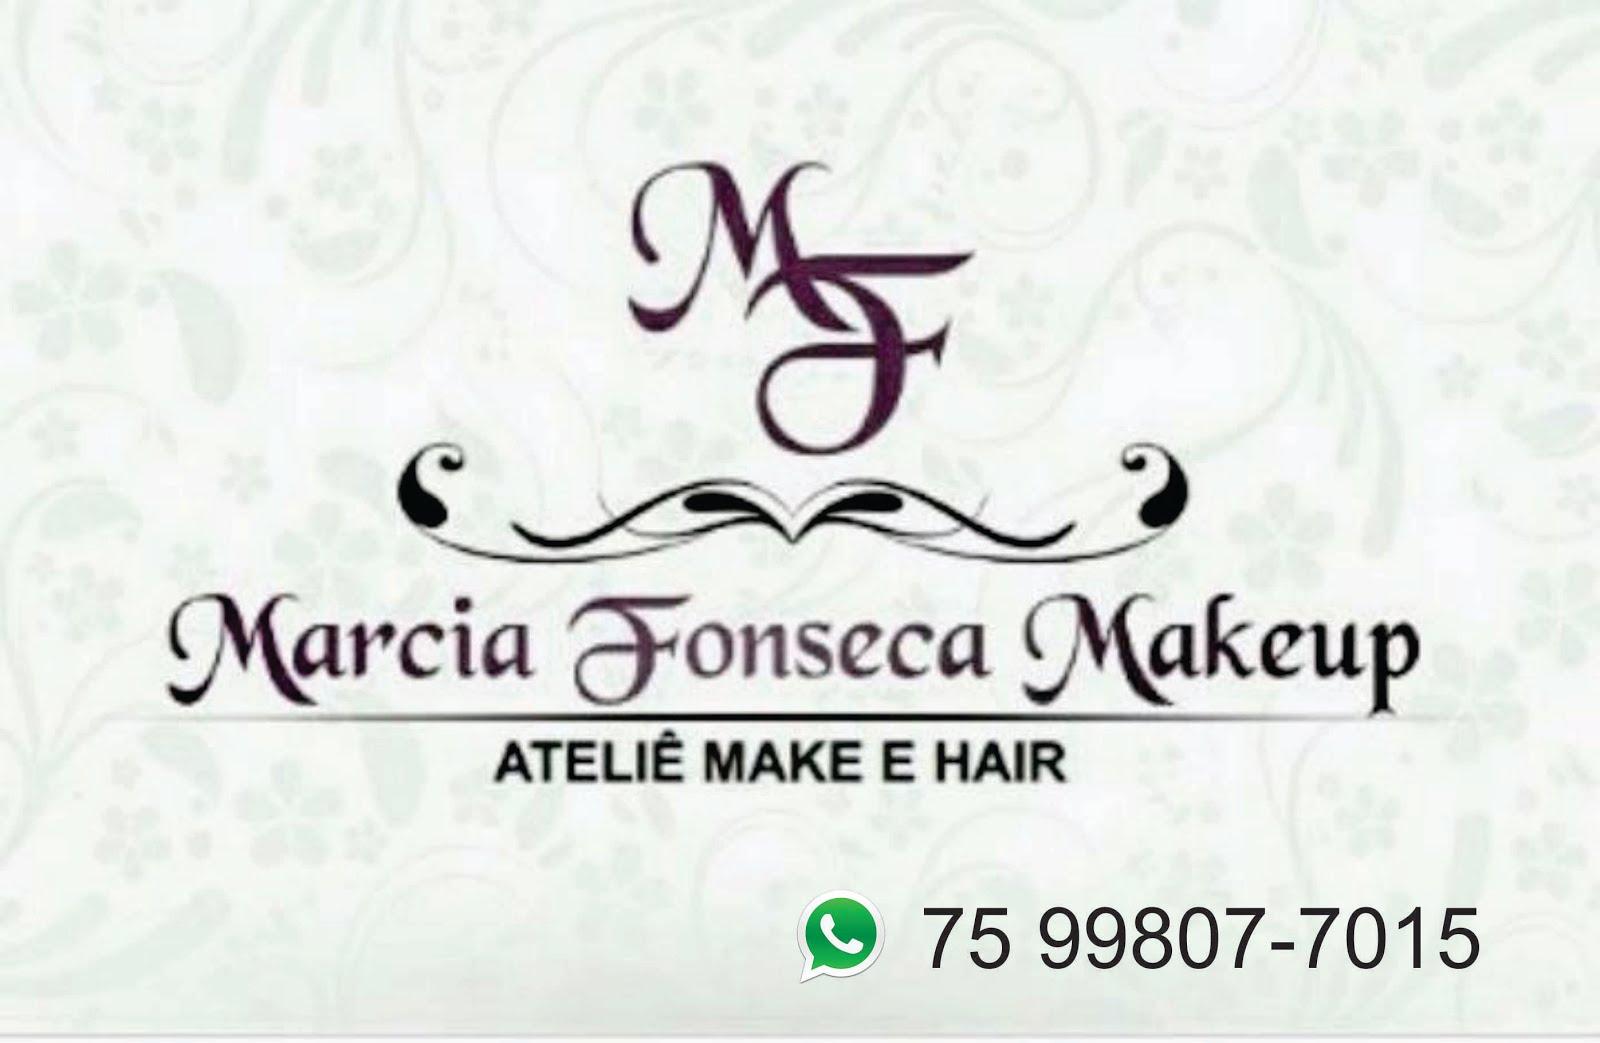 Márcia Fonseca Makeup